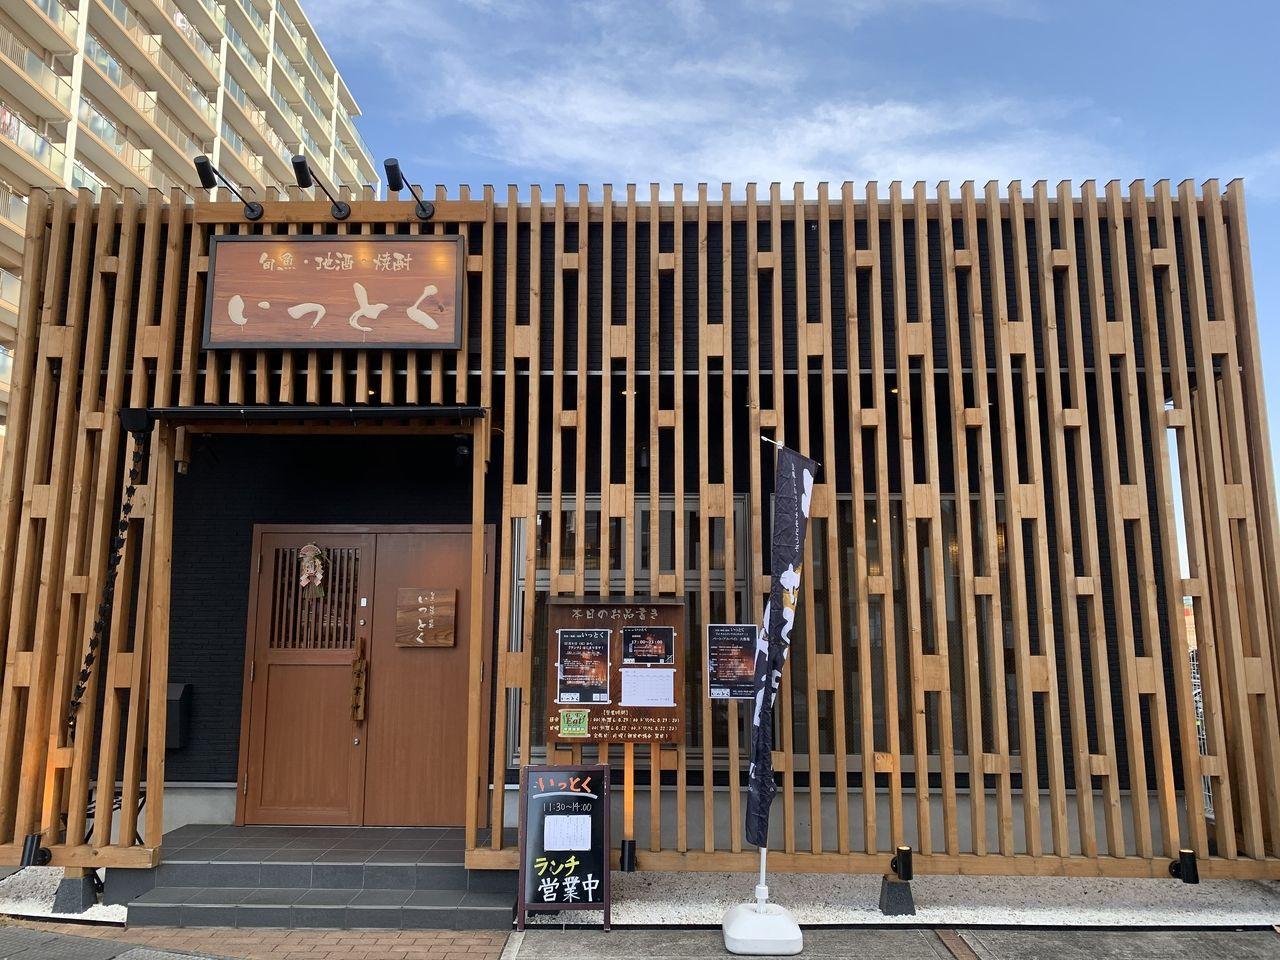 【三郷市食べ歩きブログ】三郷市中央1丁目の居酒屋「いっとく」さんでランチをしてきました!